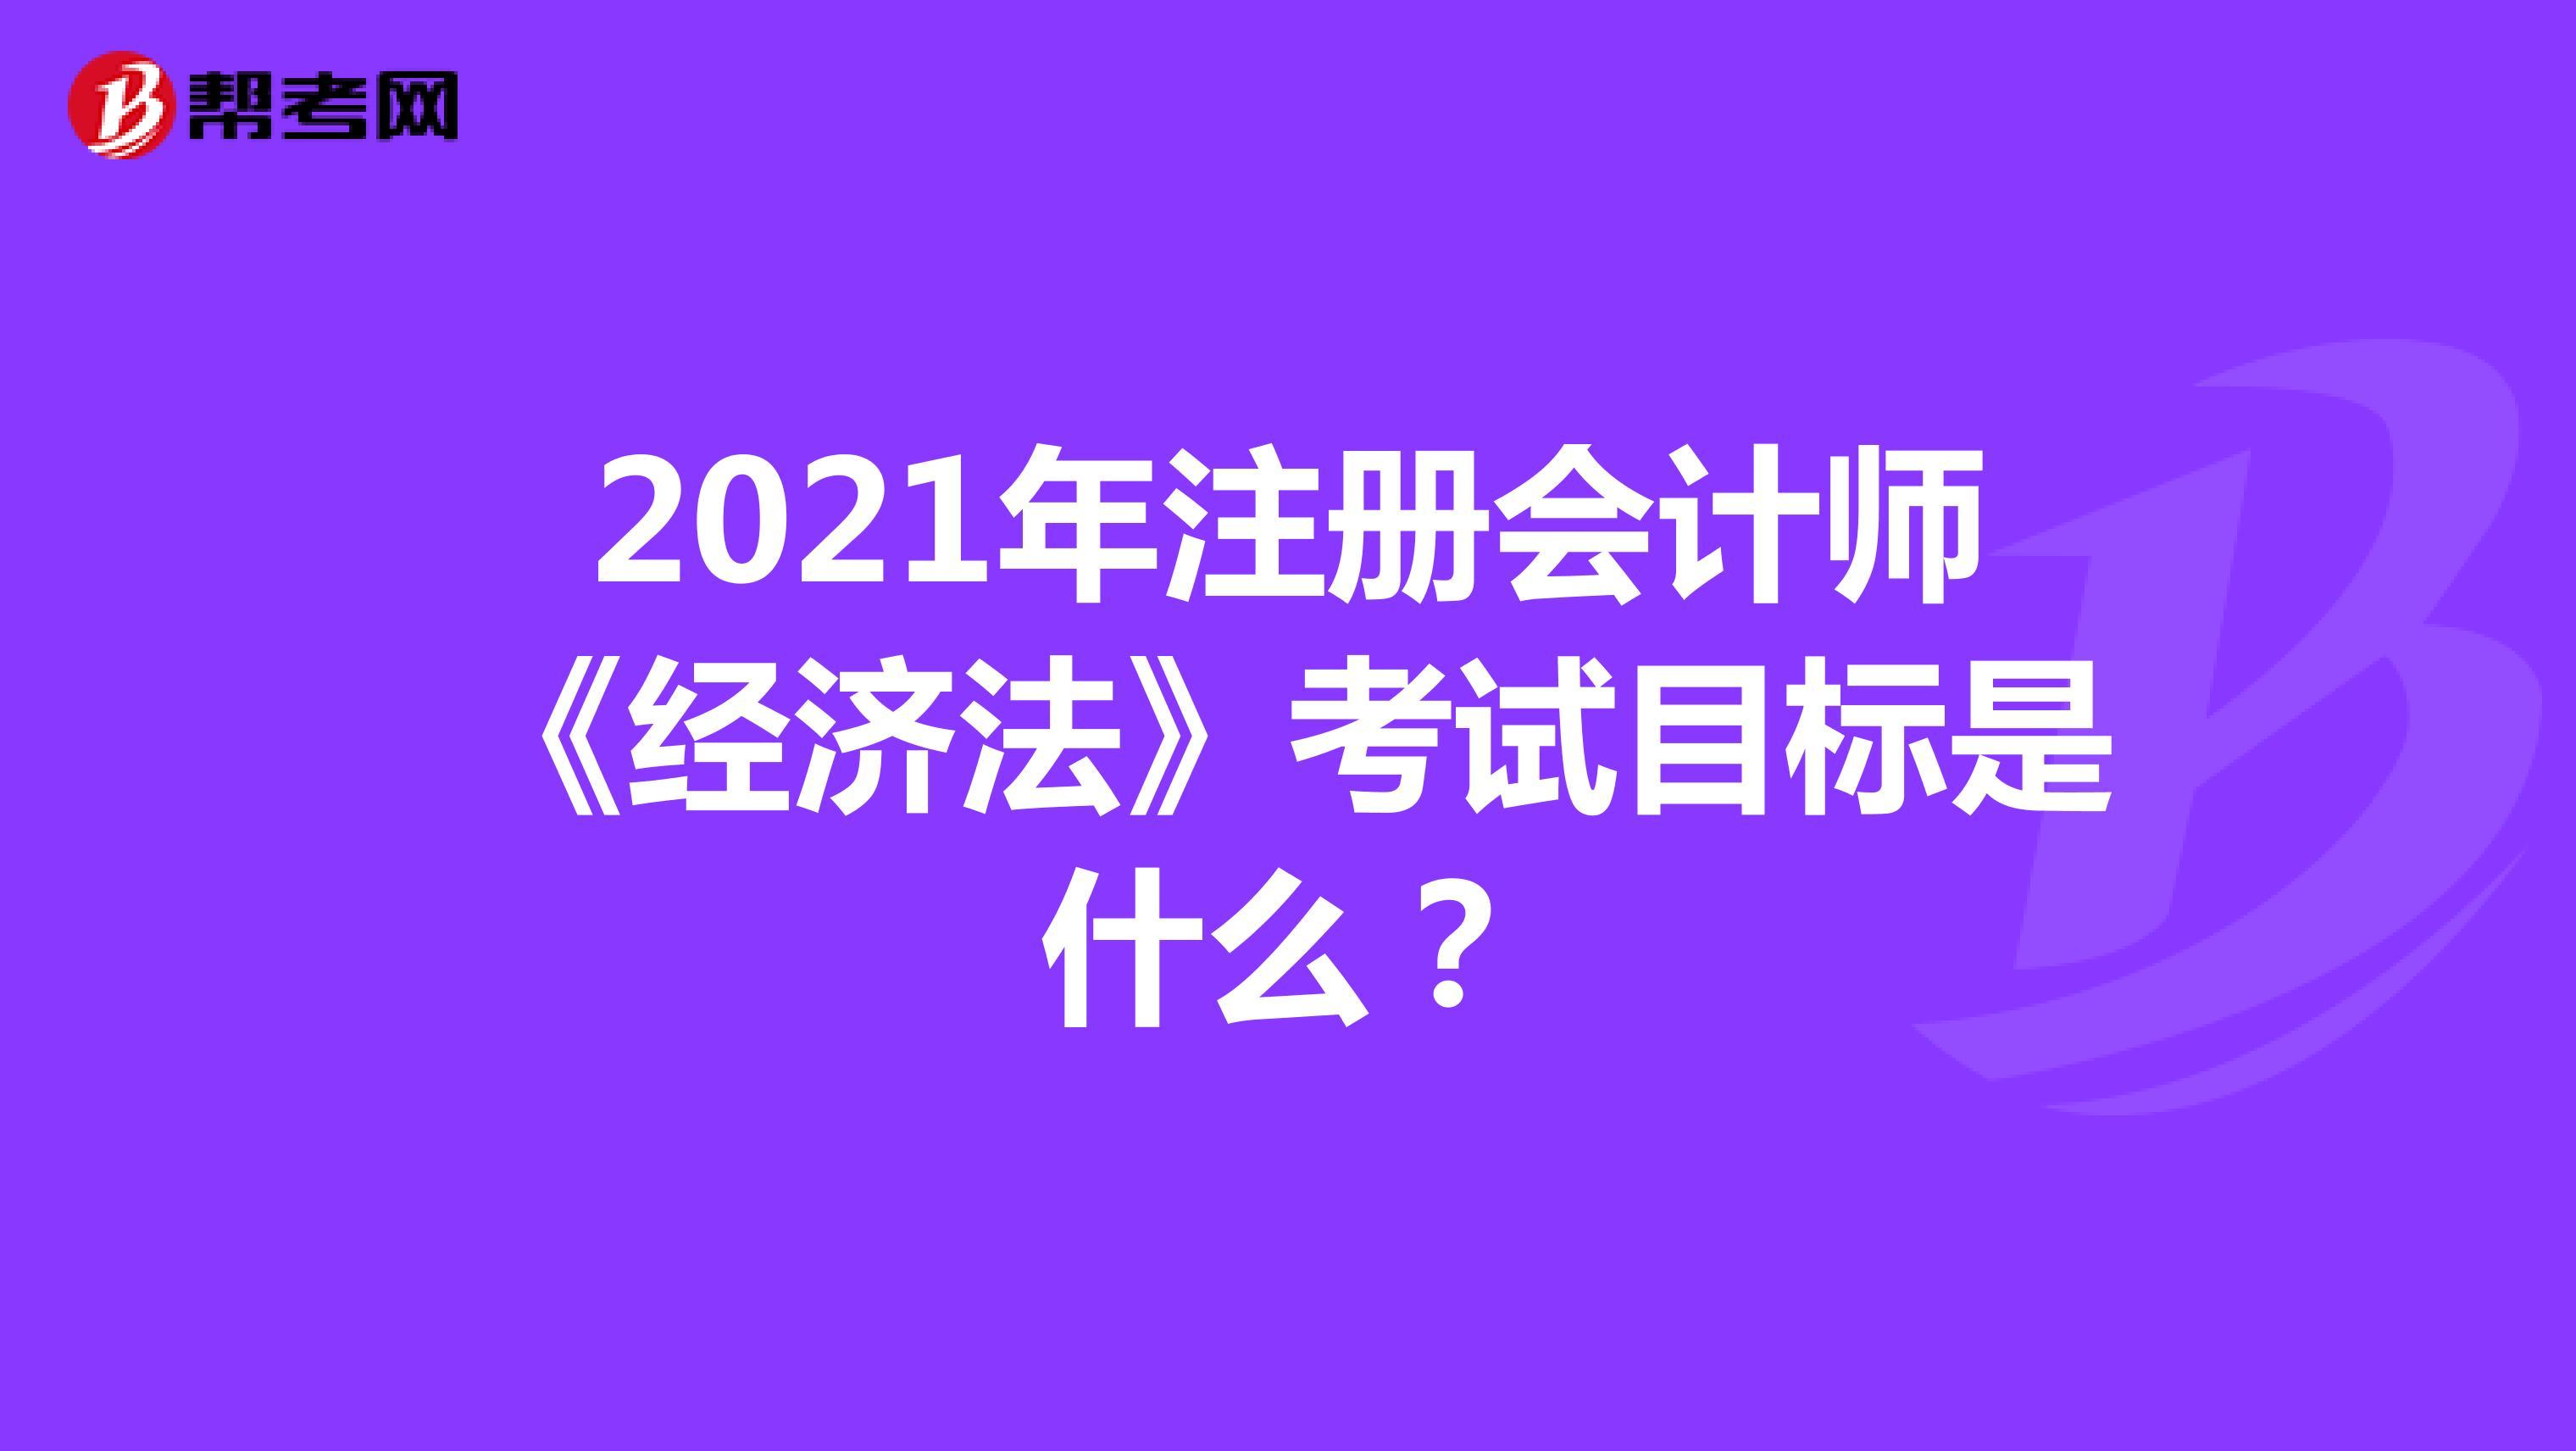 2021年注册会计师《经济法》考试目标是什么?